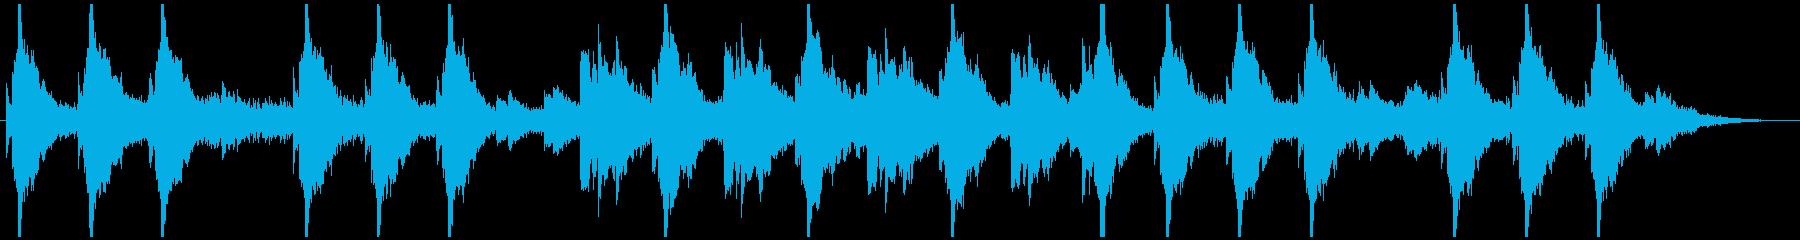 オルゴールの旋律が怪しいホラー曲の再生済みの波形